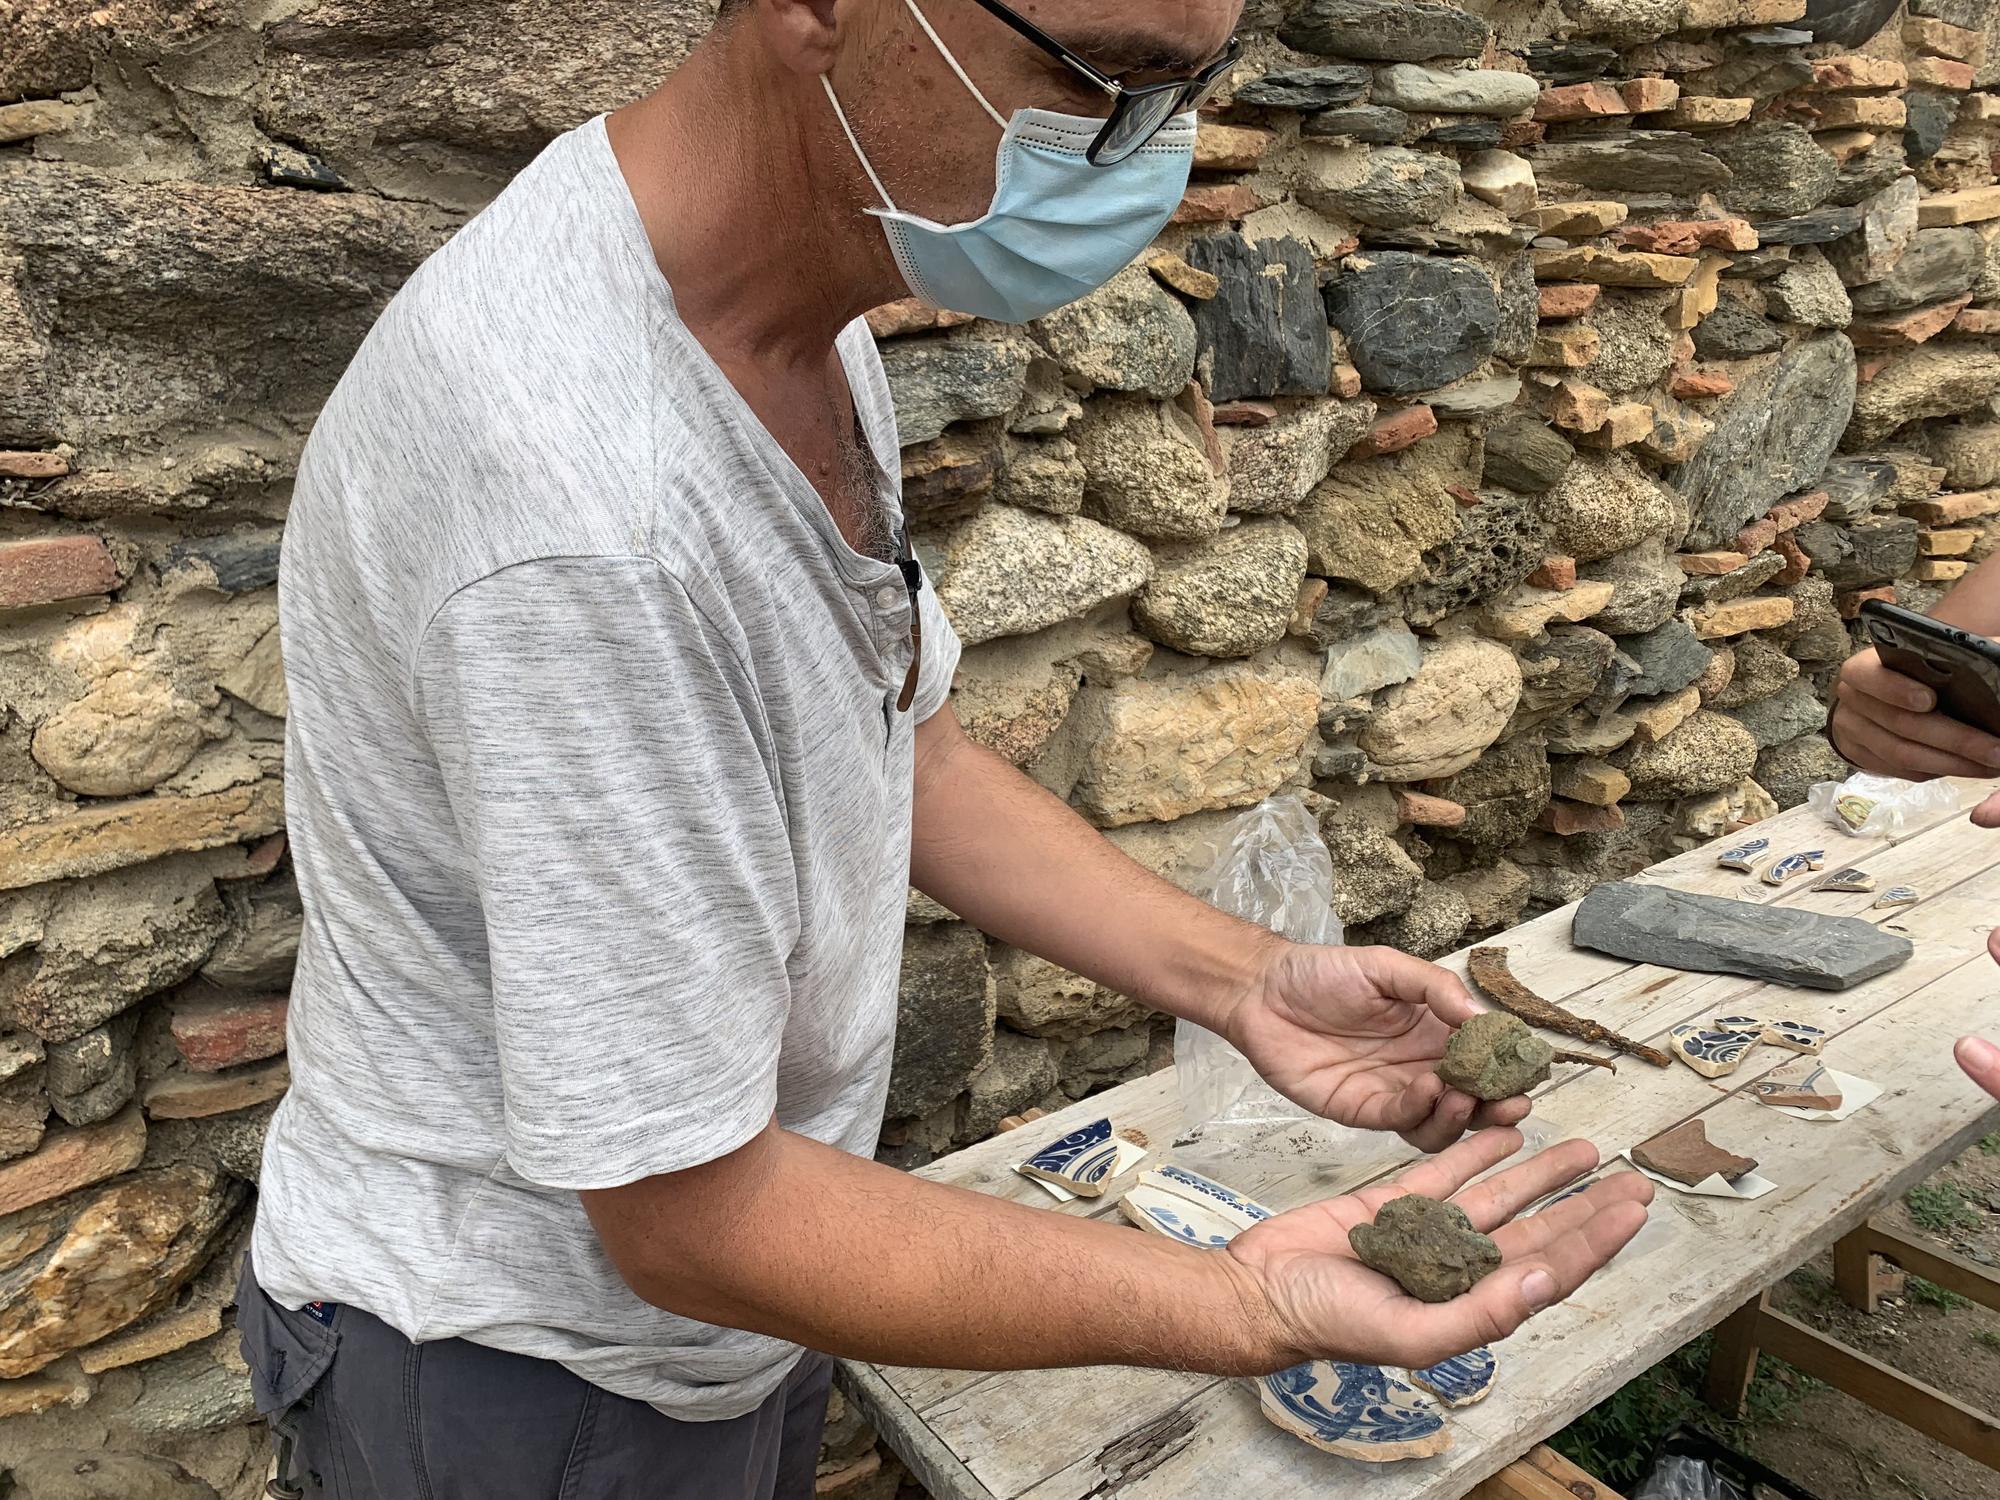 Campanya d'excavació arqueològica a la Ciutadella de Roses